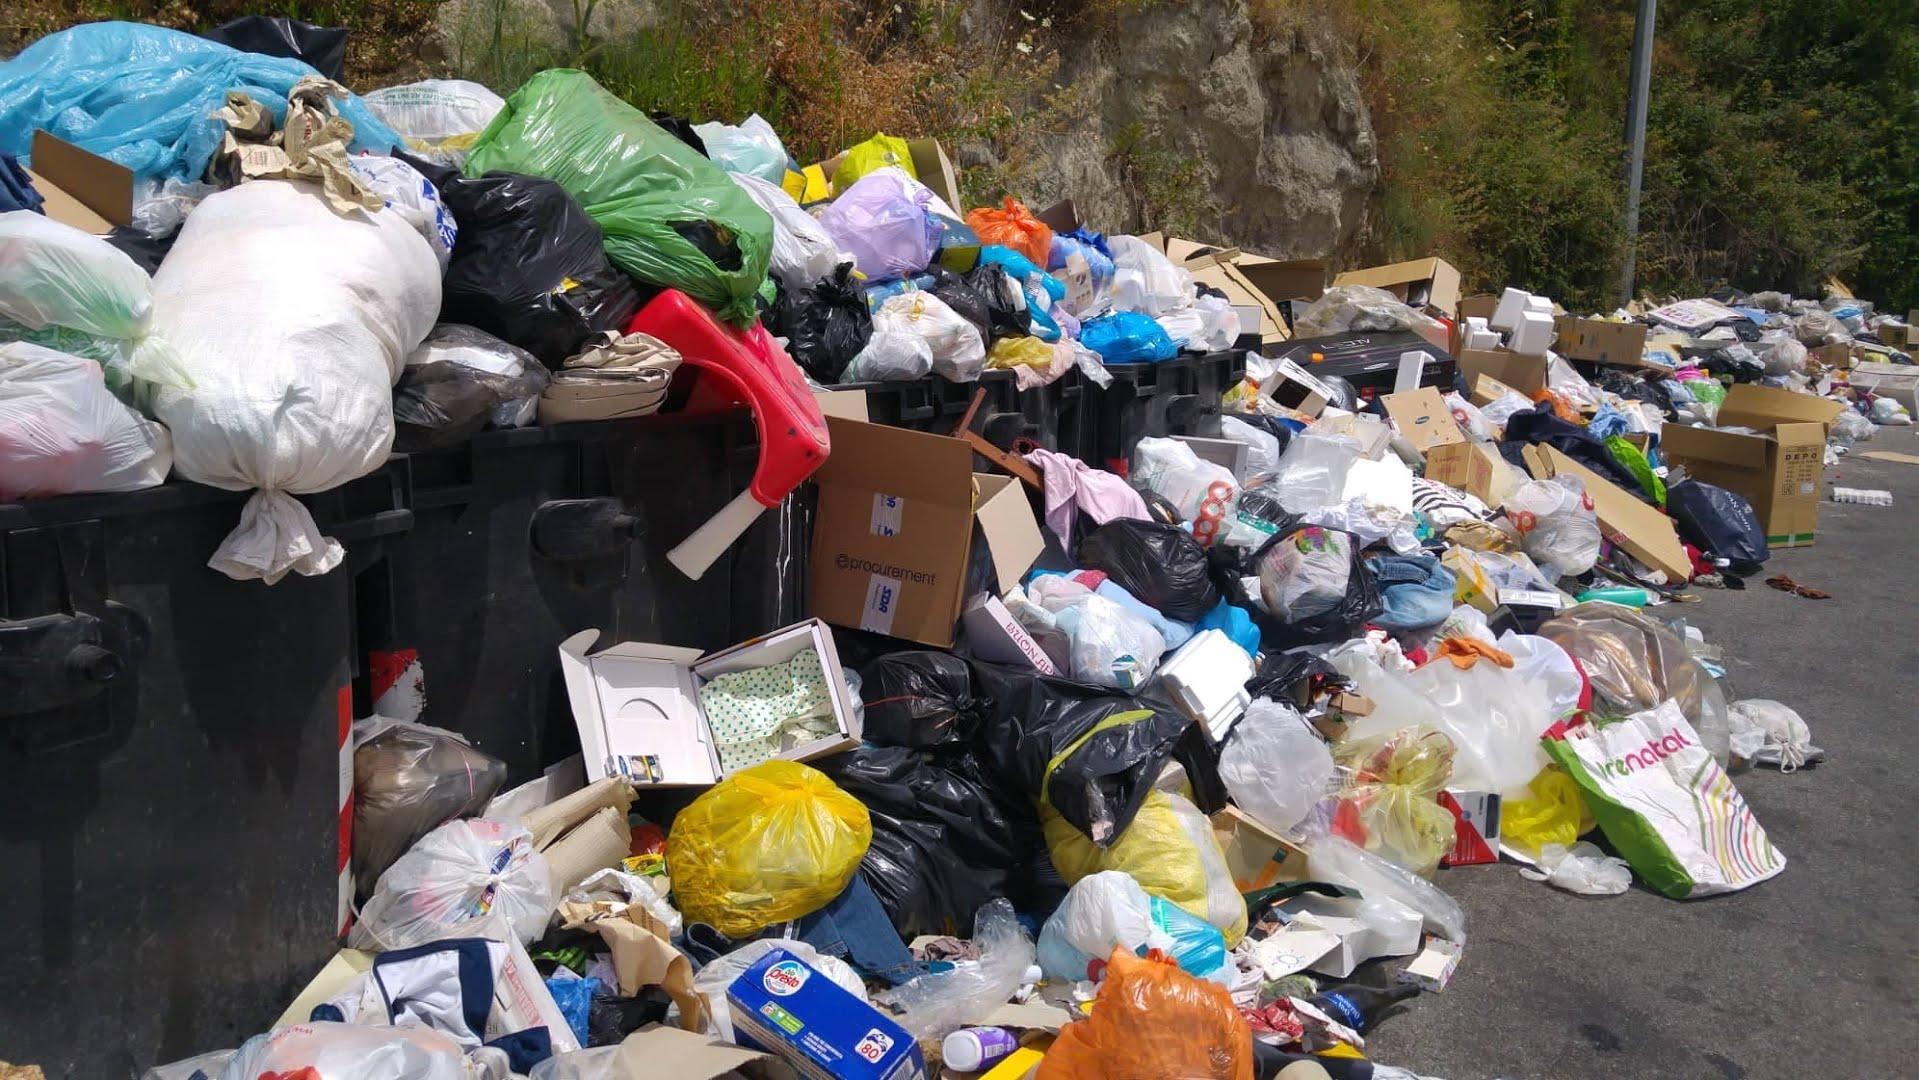 """Emergenza rifiuti a Reggio Calabria, i capigruppo di maggioranza: """"Avr migliori i servizi"""""""